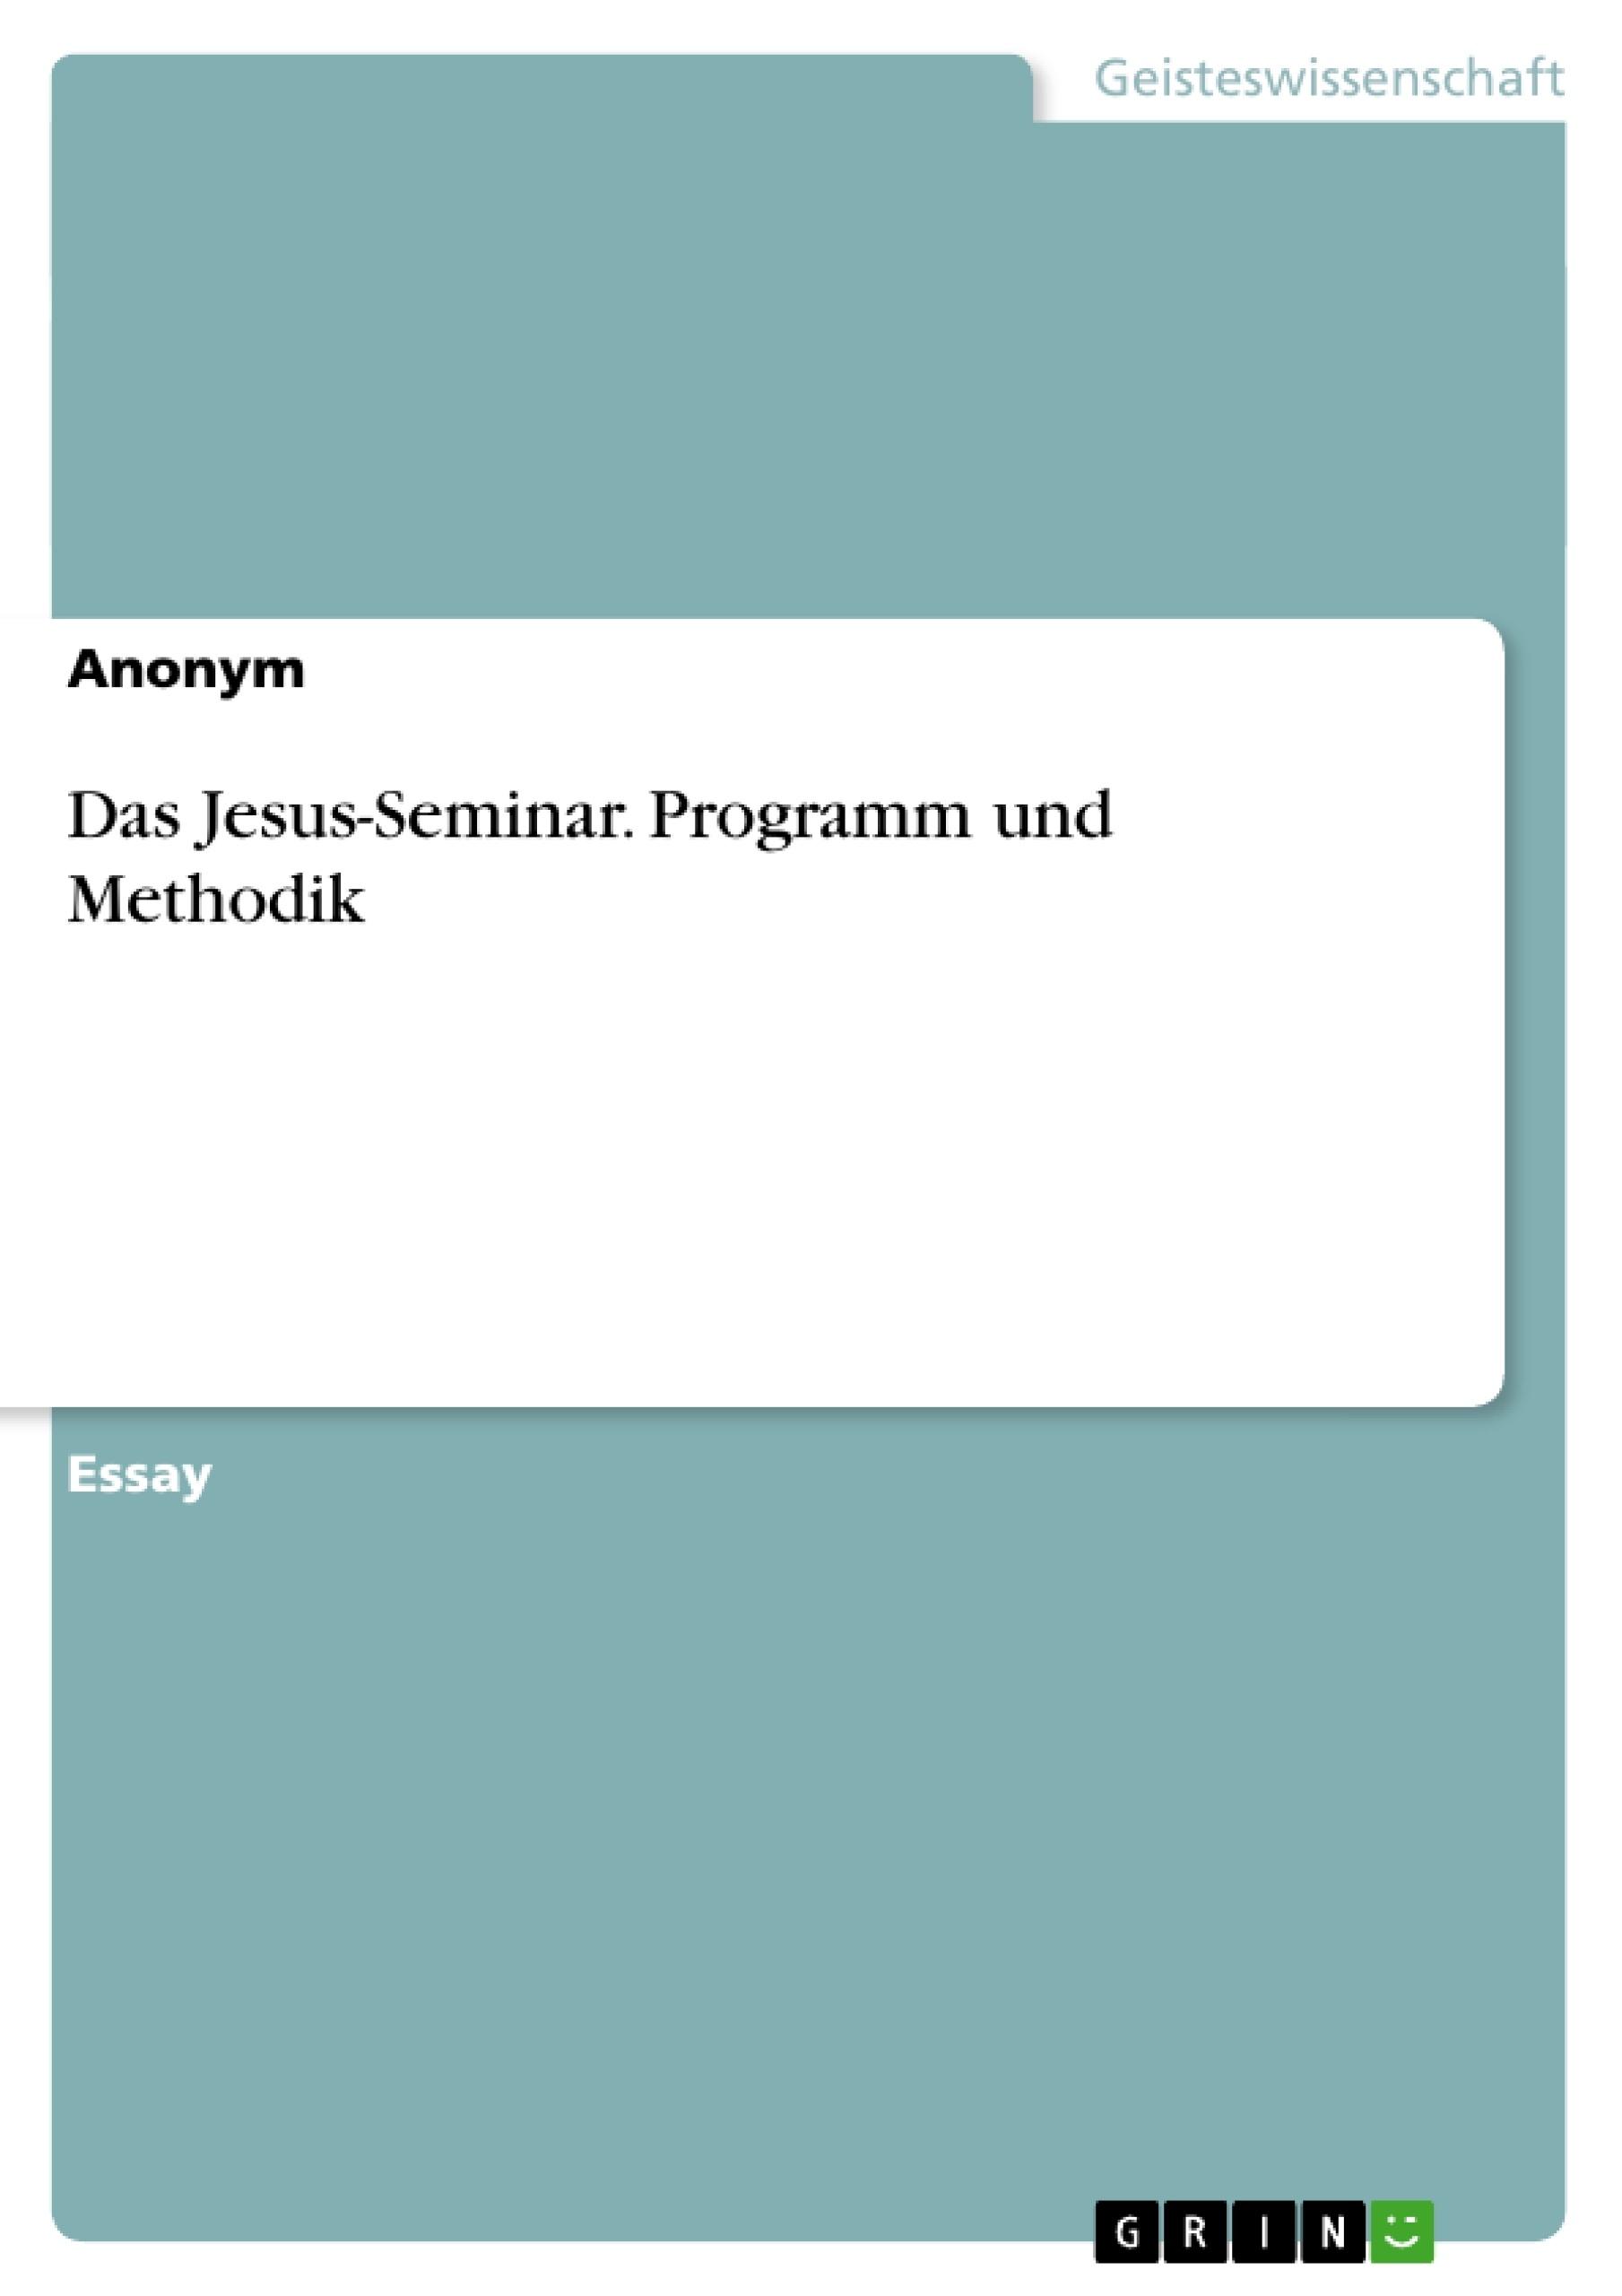 Titel: Das Jesus-Seminar. Programm und Methodik